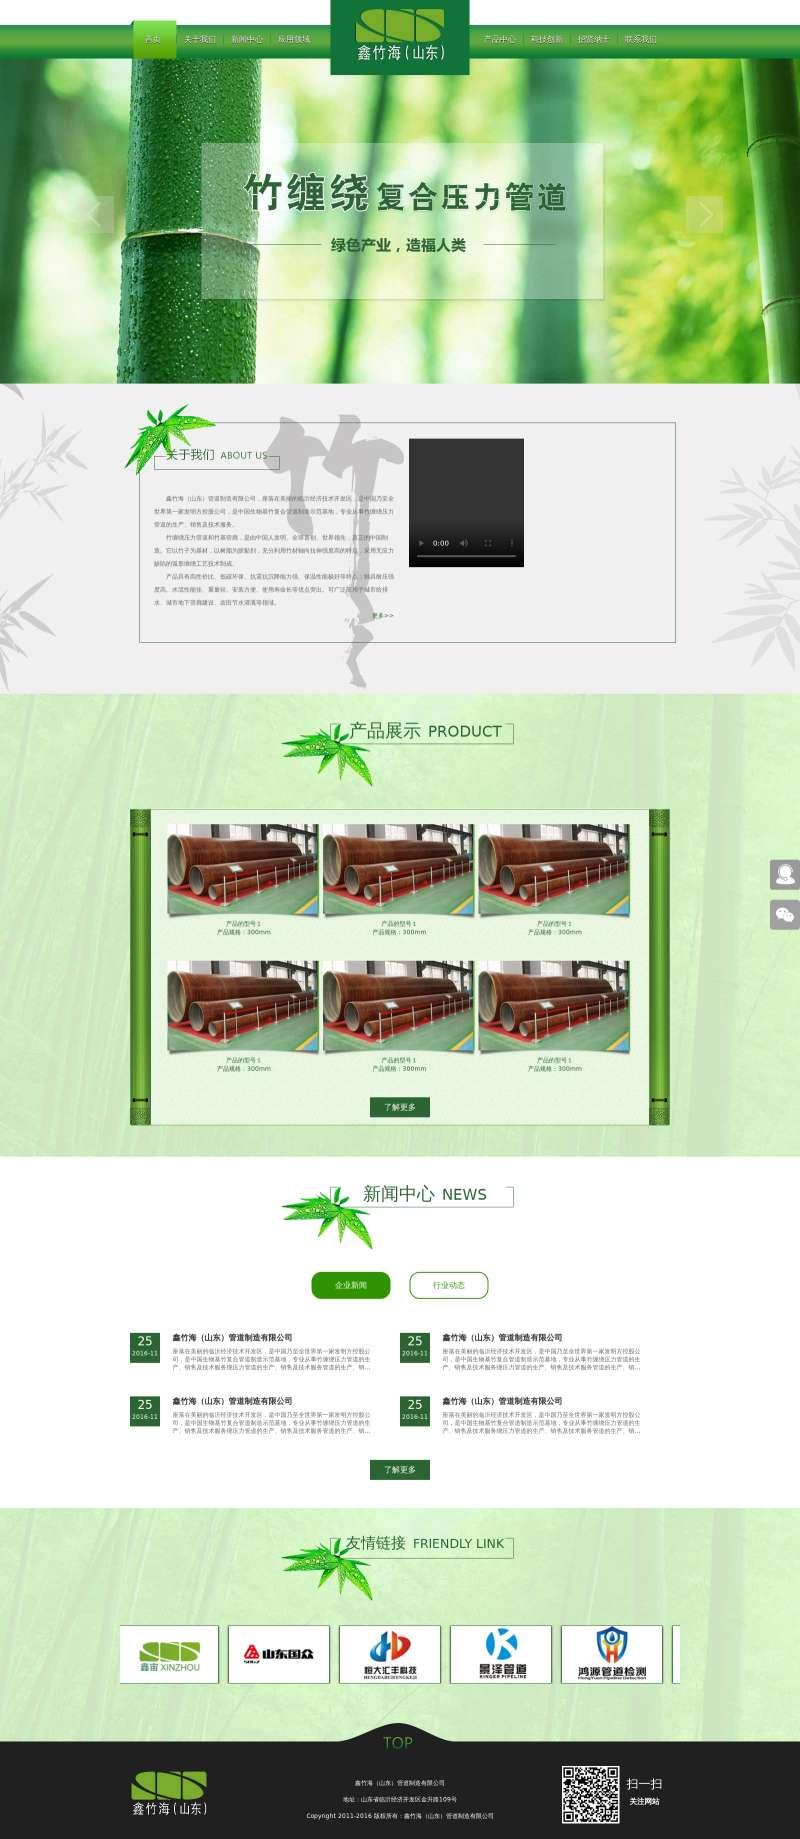 工業管道生產公司網站模板